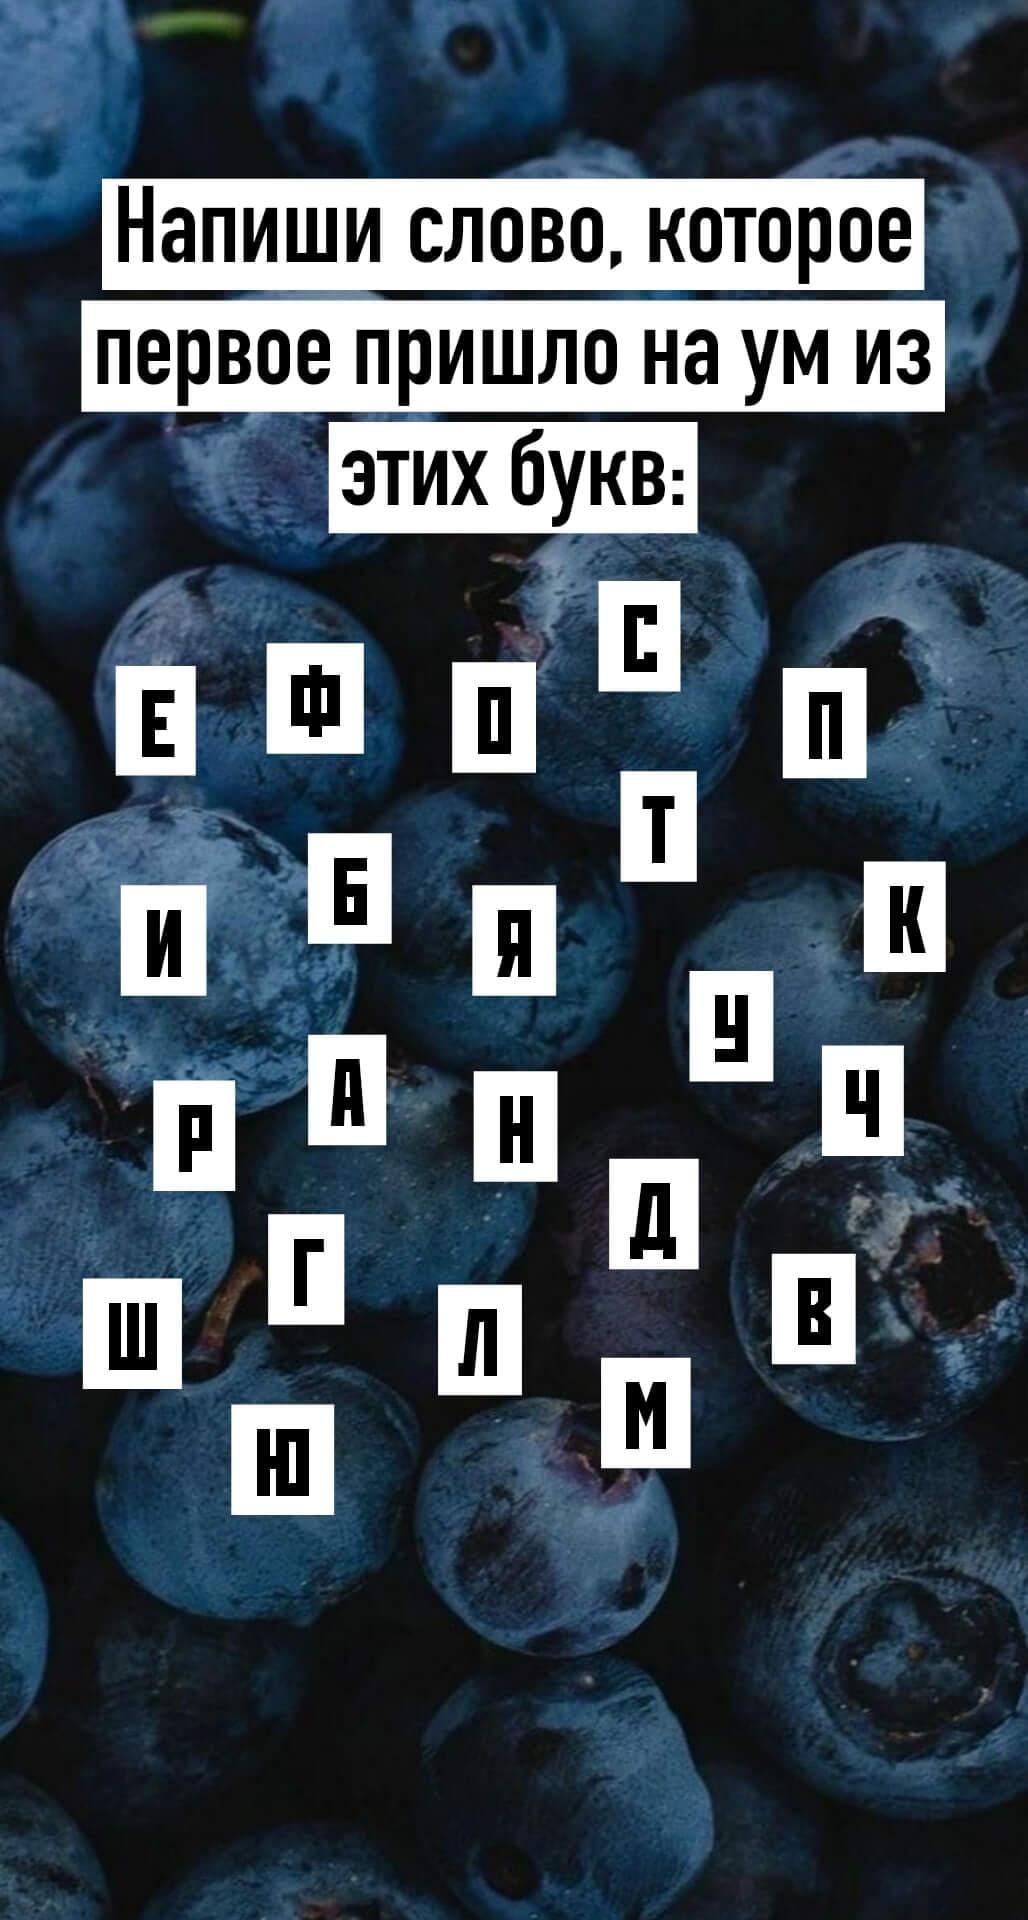 Примеры игр для историй ВКонтакте